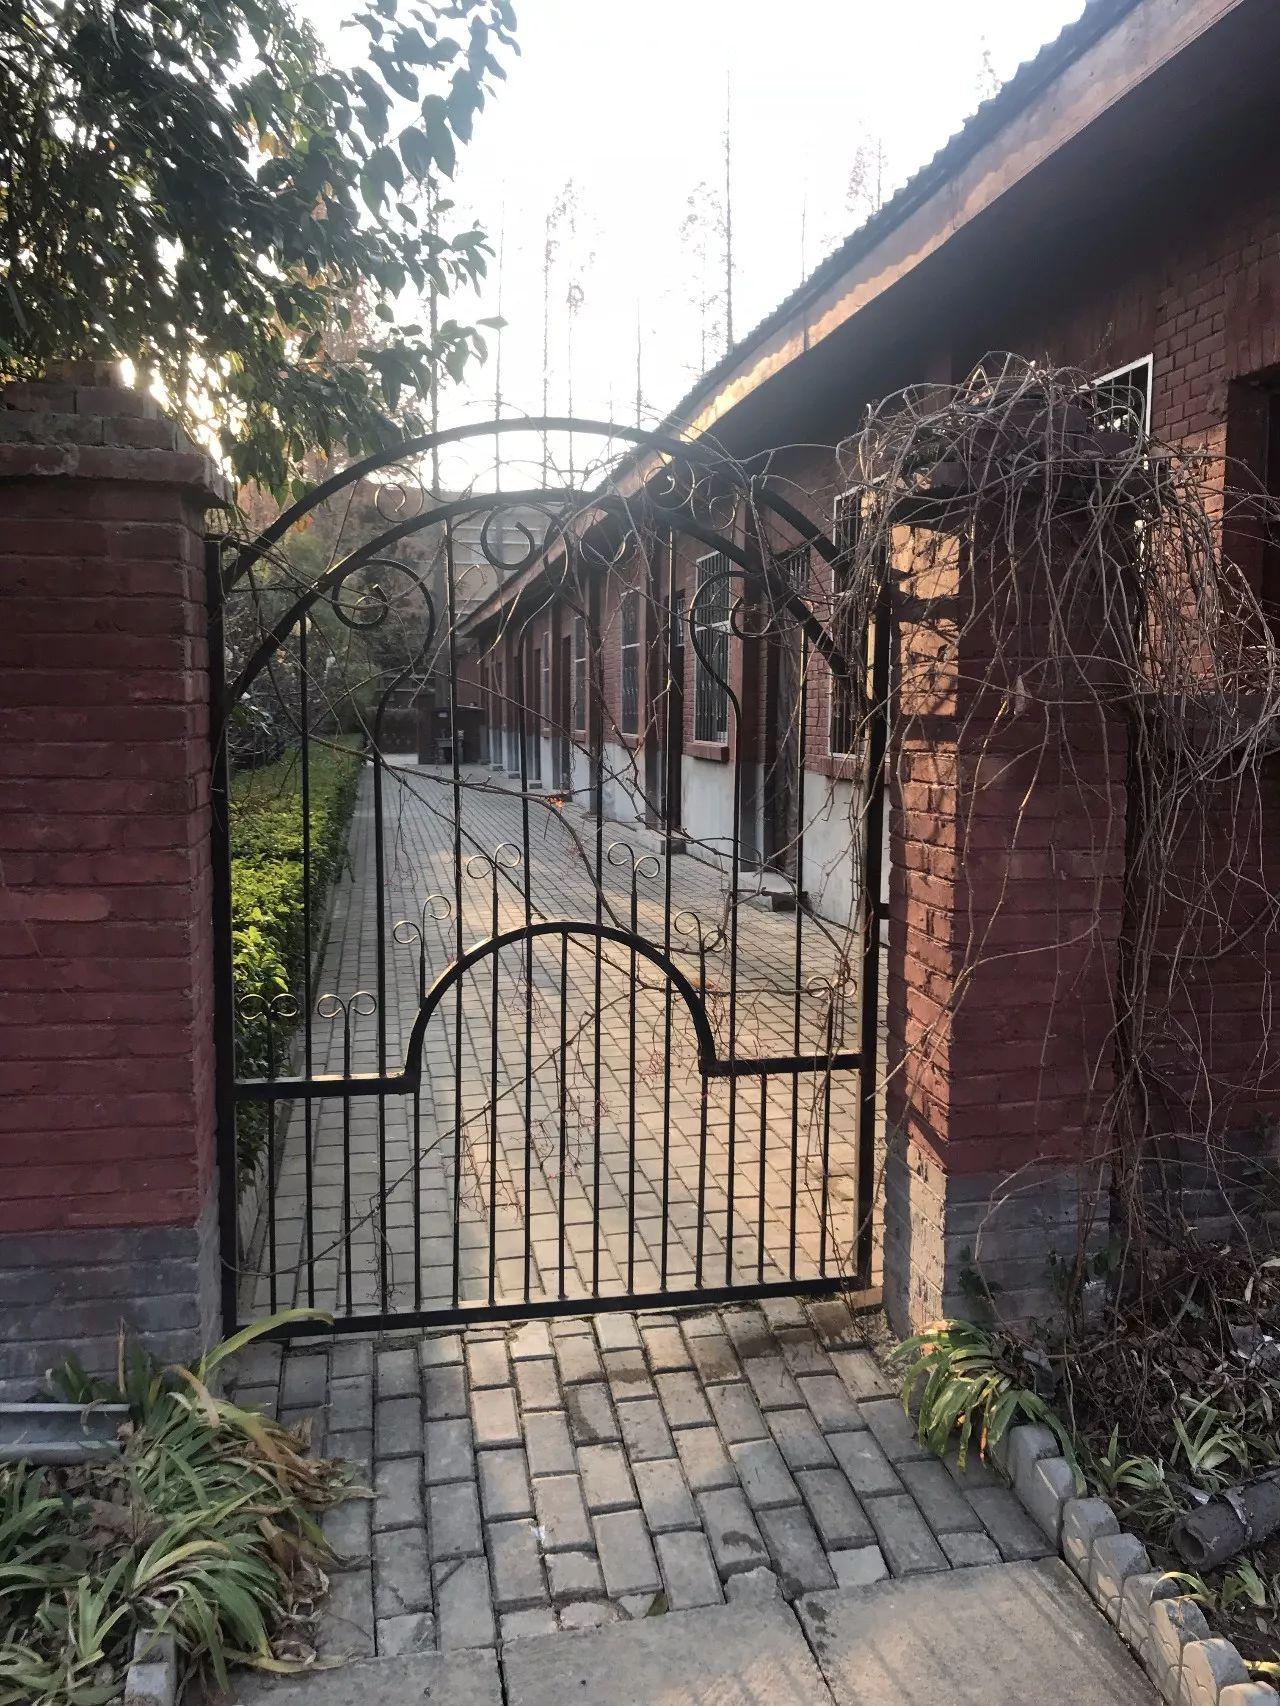 ▲卢氏县委大院中,唯一一排设有栅栏门的土坯房,王战方曾在这里办公。新京报记者 贾世煜 摄